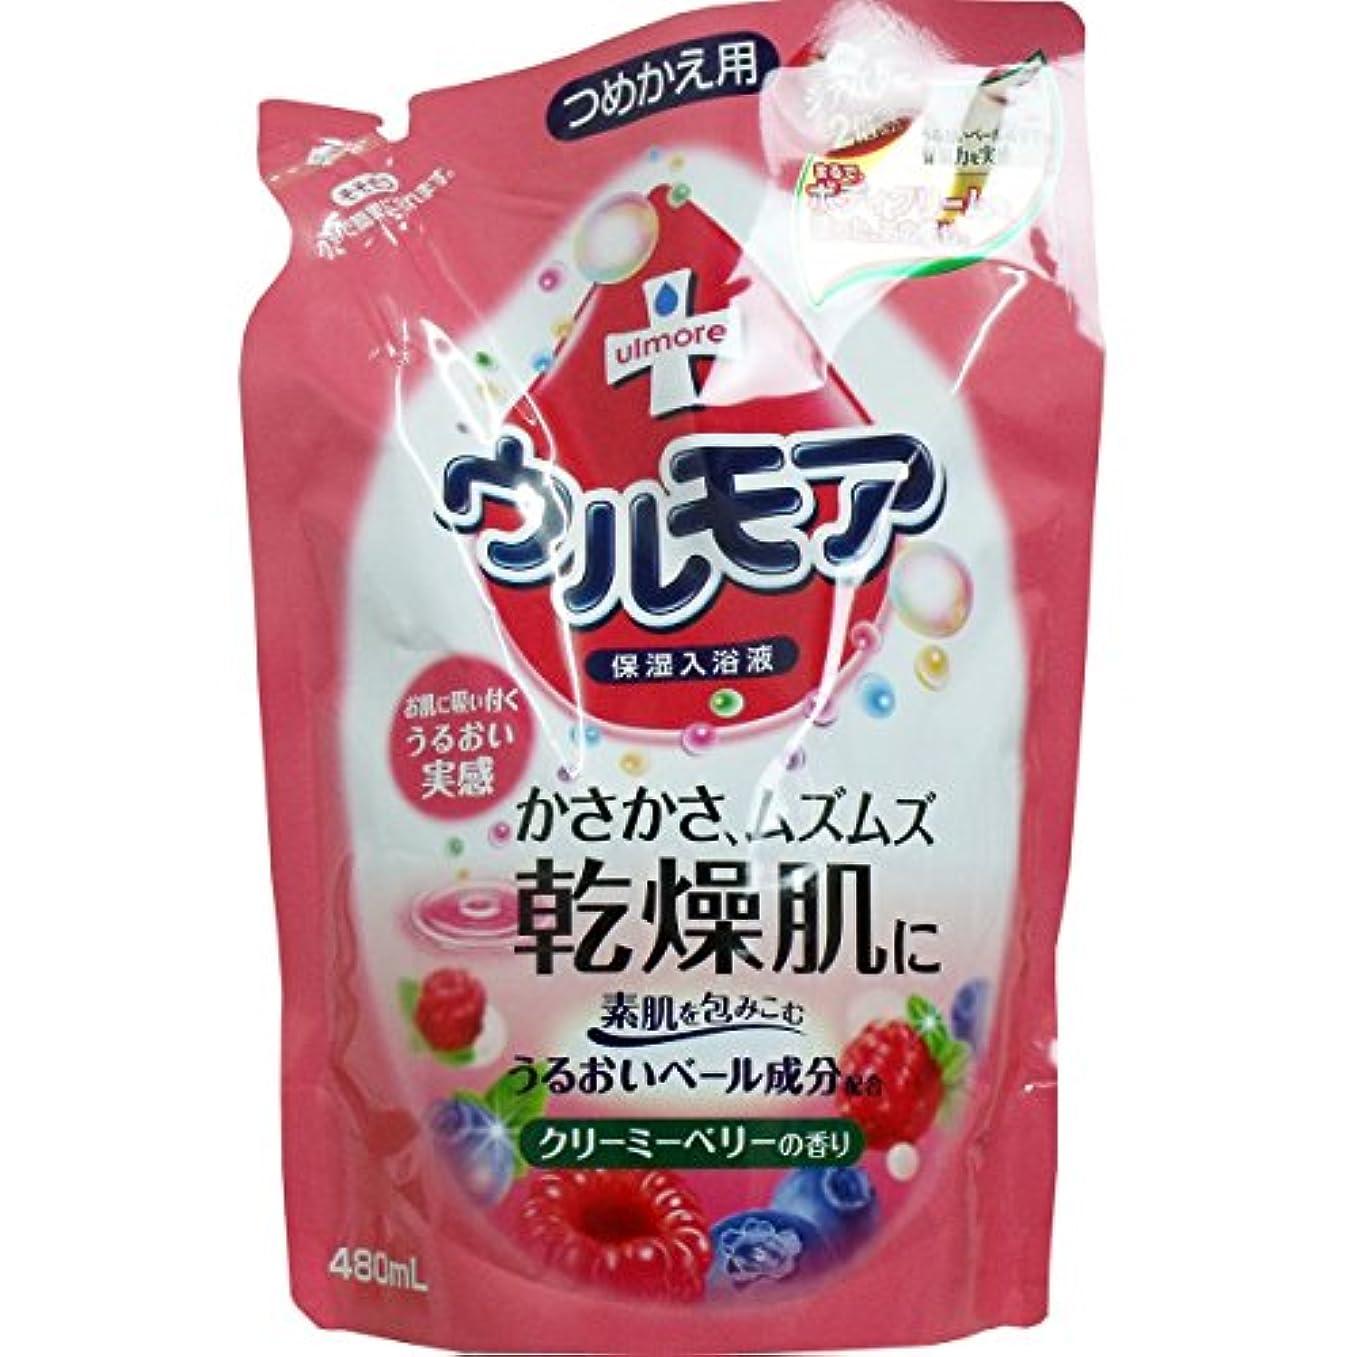 洗剤ブーストアルプス保湿入浴液 ウルモア クリーミーベリー つめかえ × 10個セット